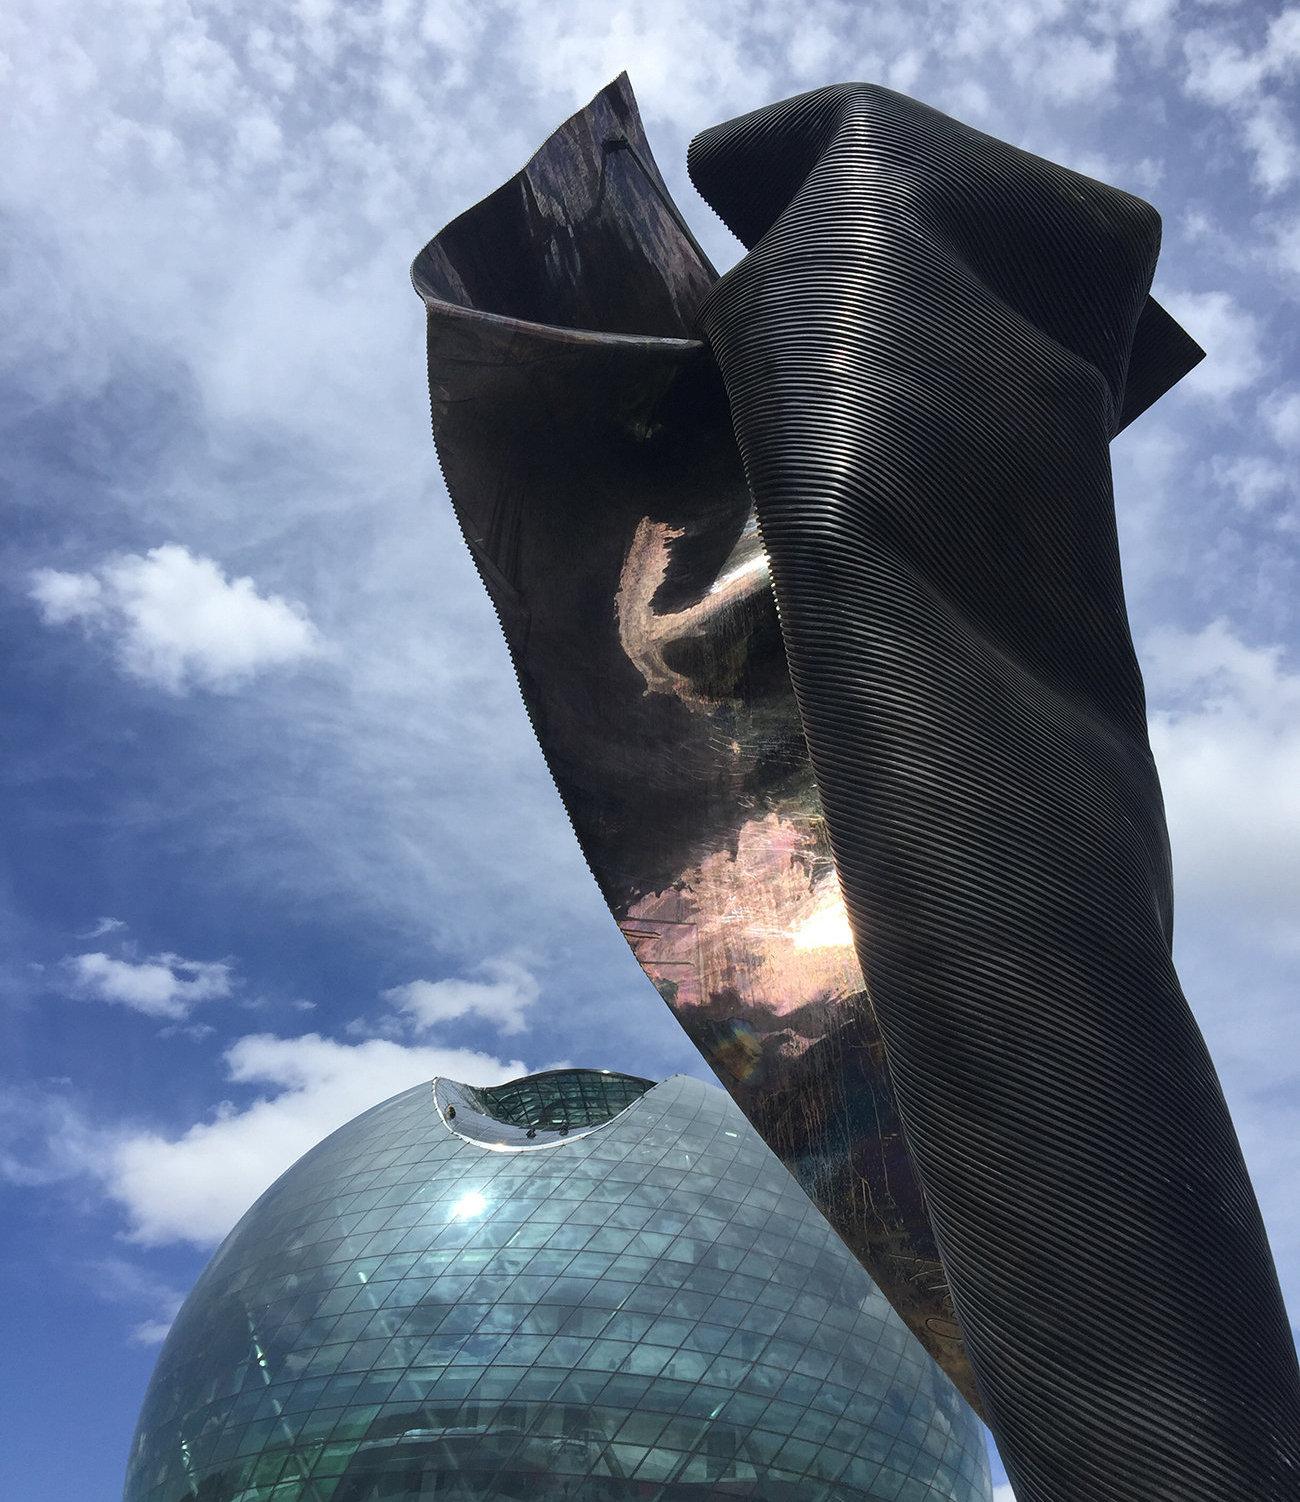 Новые культурные объекты появились в Астане